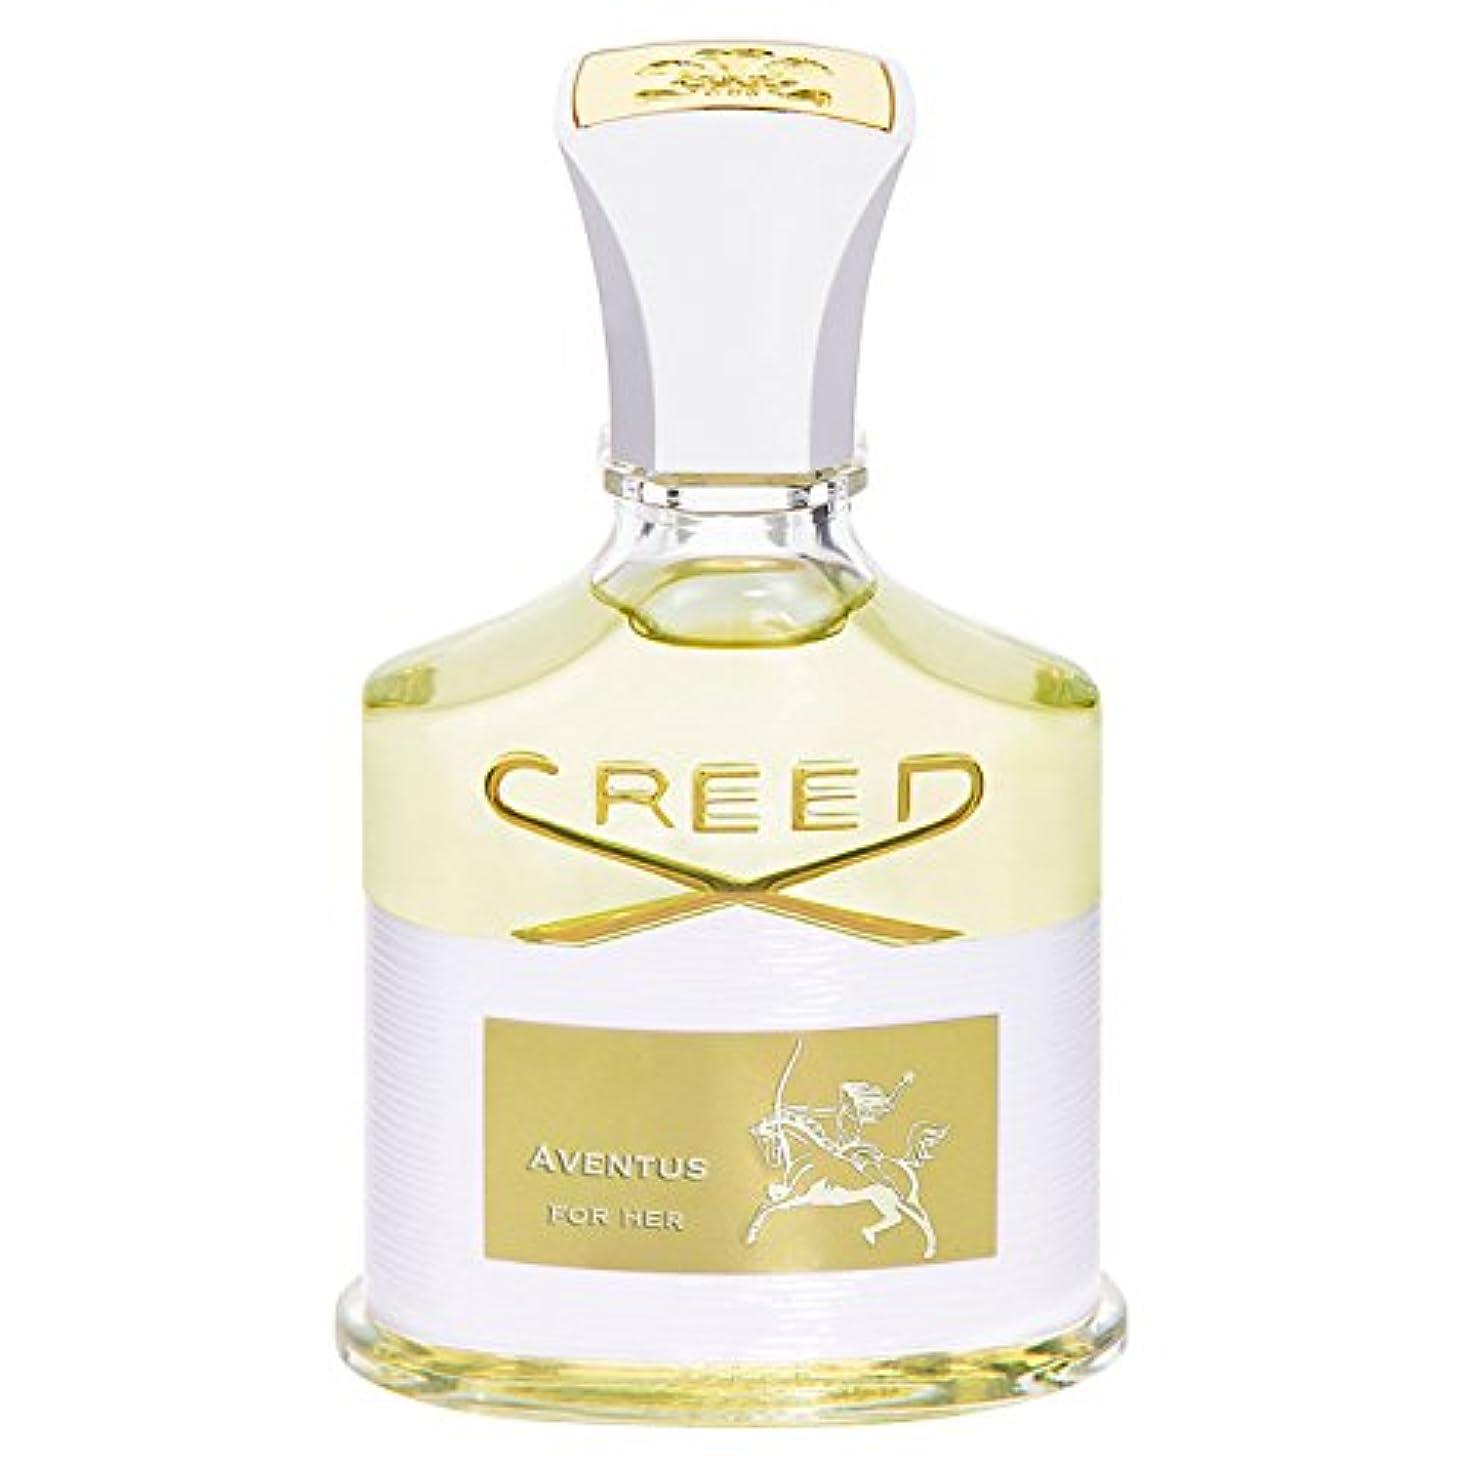 たくさんのオーナー犯すCreed Aventus for Her (クリード アベンタス フォー ハー) 2.5 oz (75ml) Spray